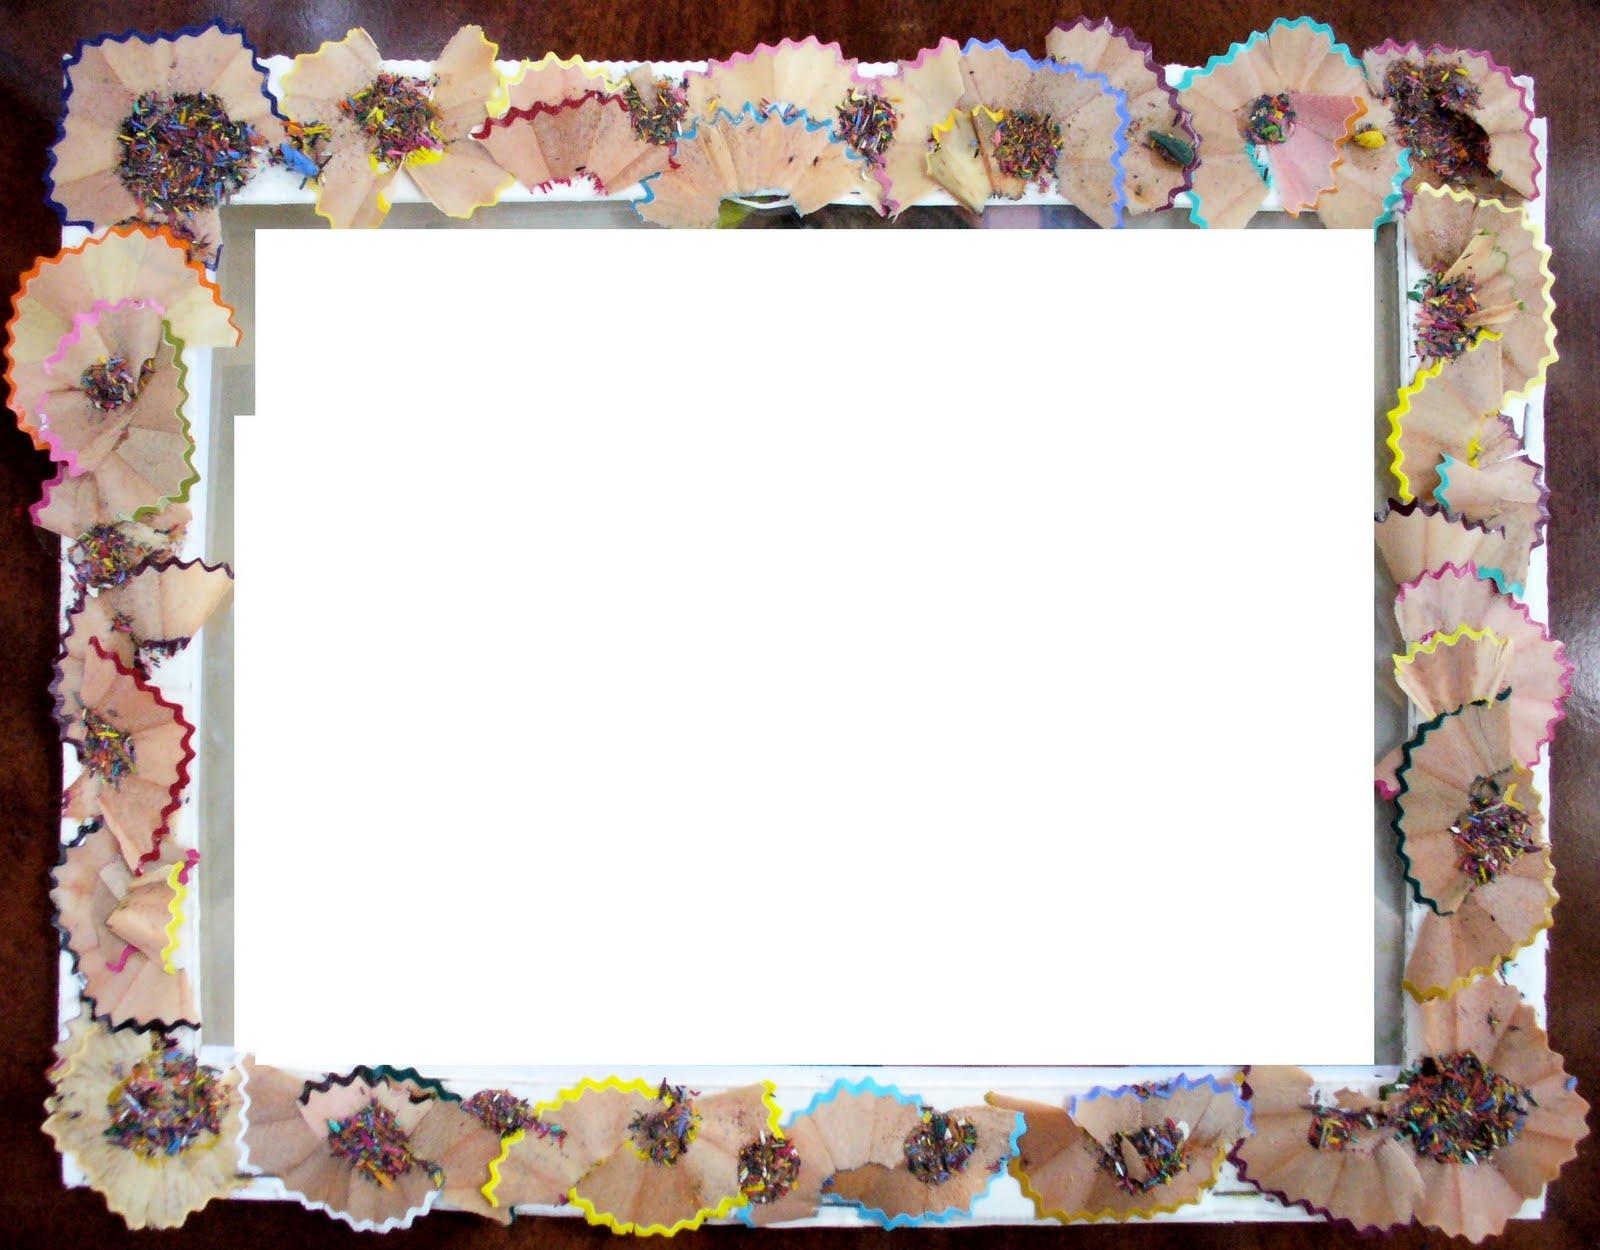 Sofia della libera scintille d 39 arte e immagine for Cornici per foto colorate